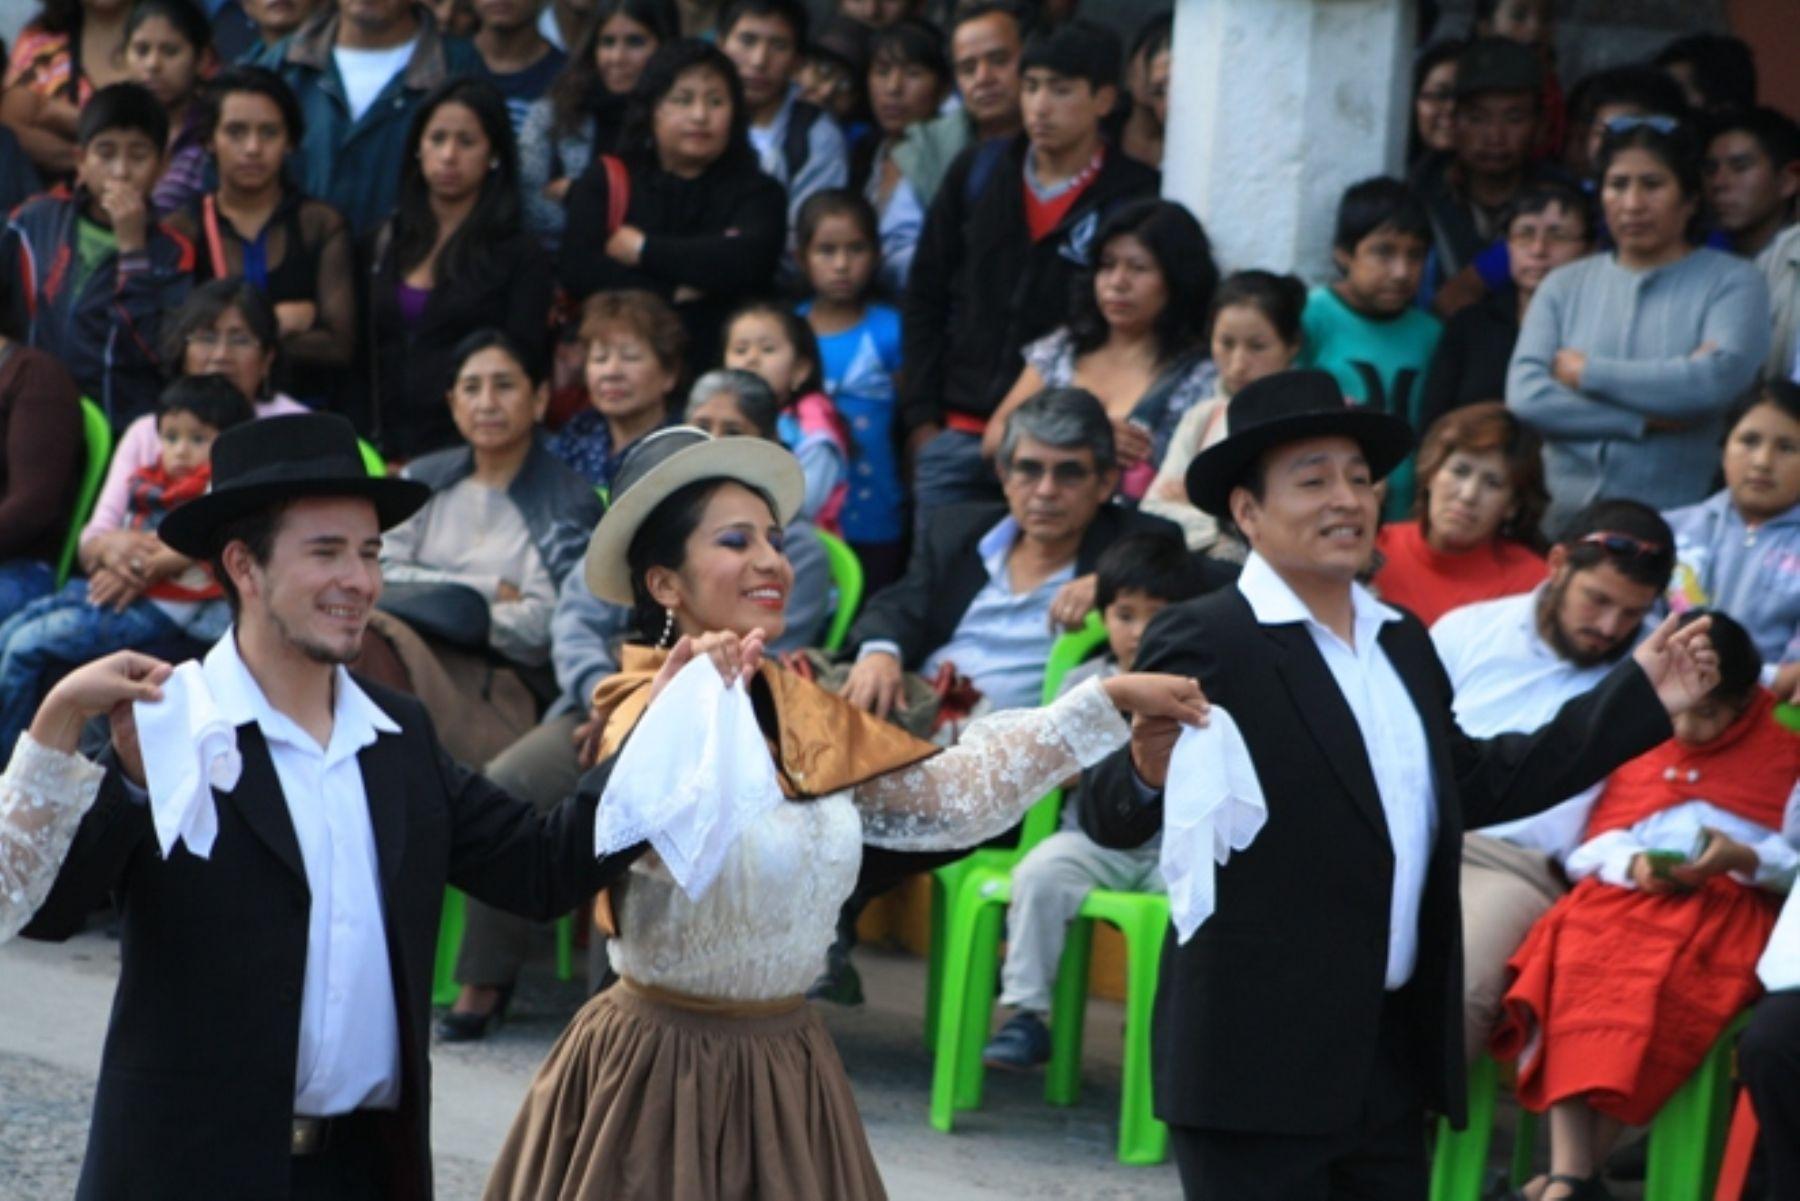 Con concurso de marinera ayacuchana Huamanga inició festejos por 474 ... e7bad44ee20